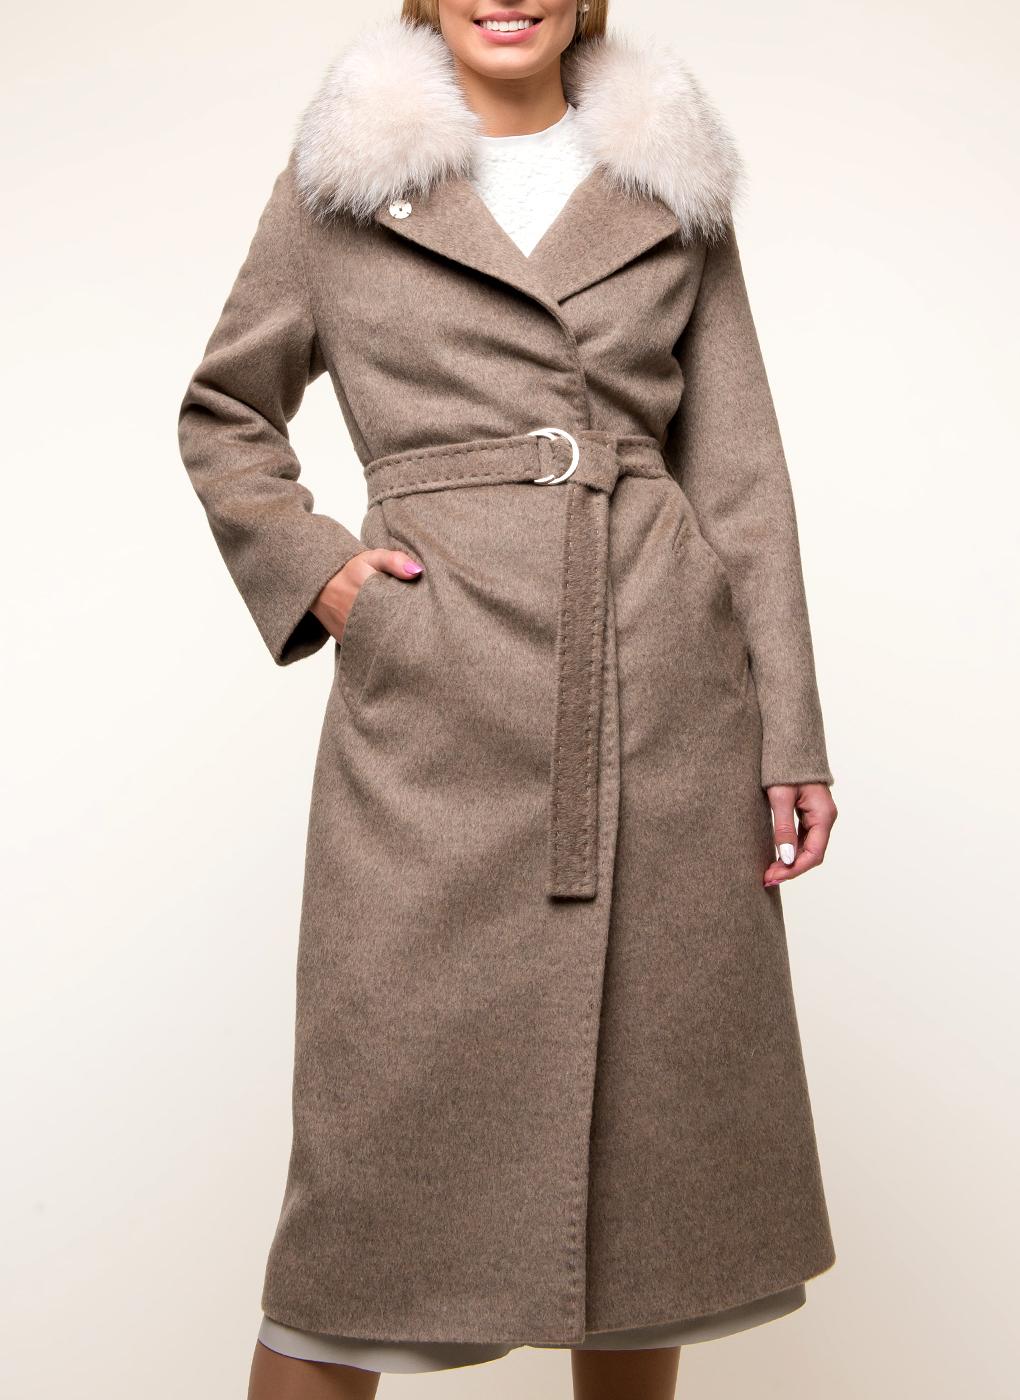 Пальто полушерстяное 88, Bella collection фото